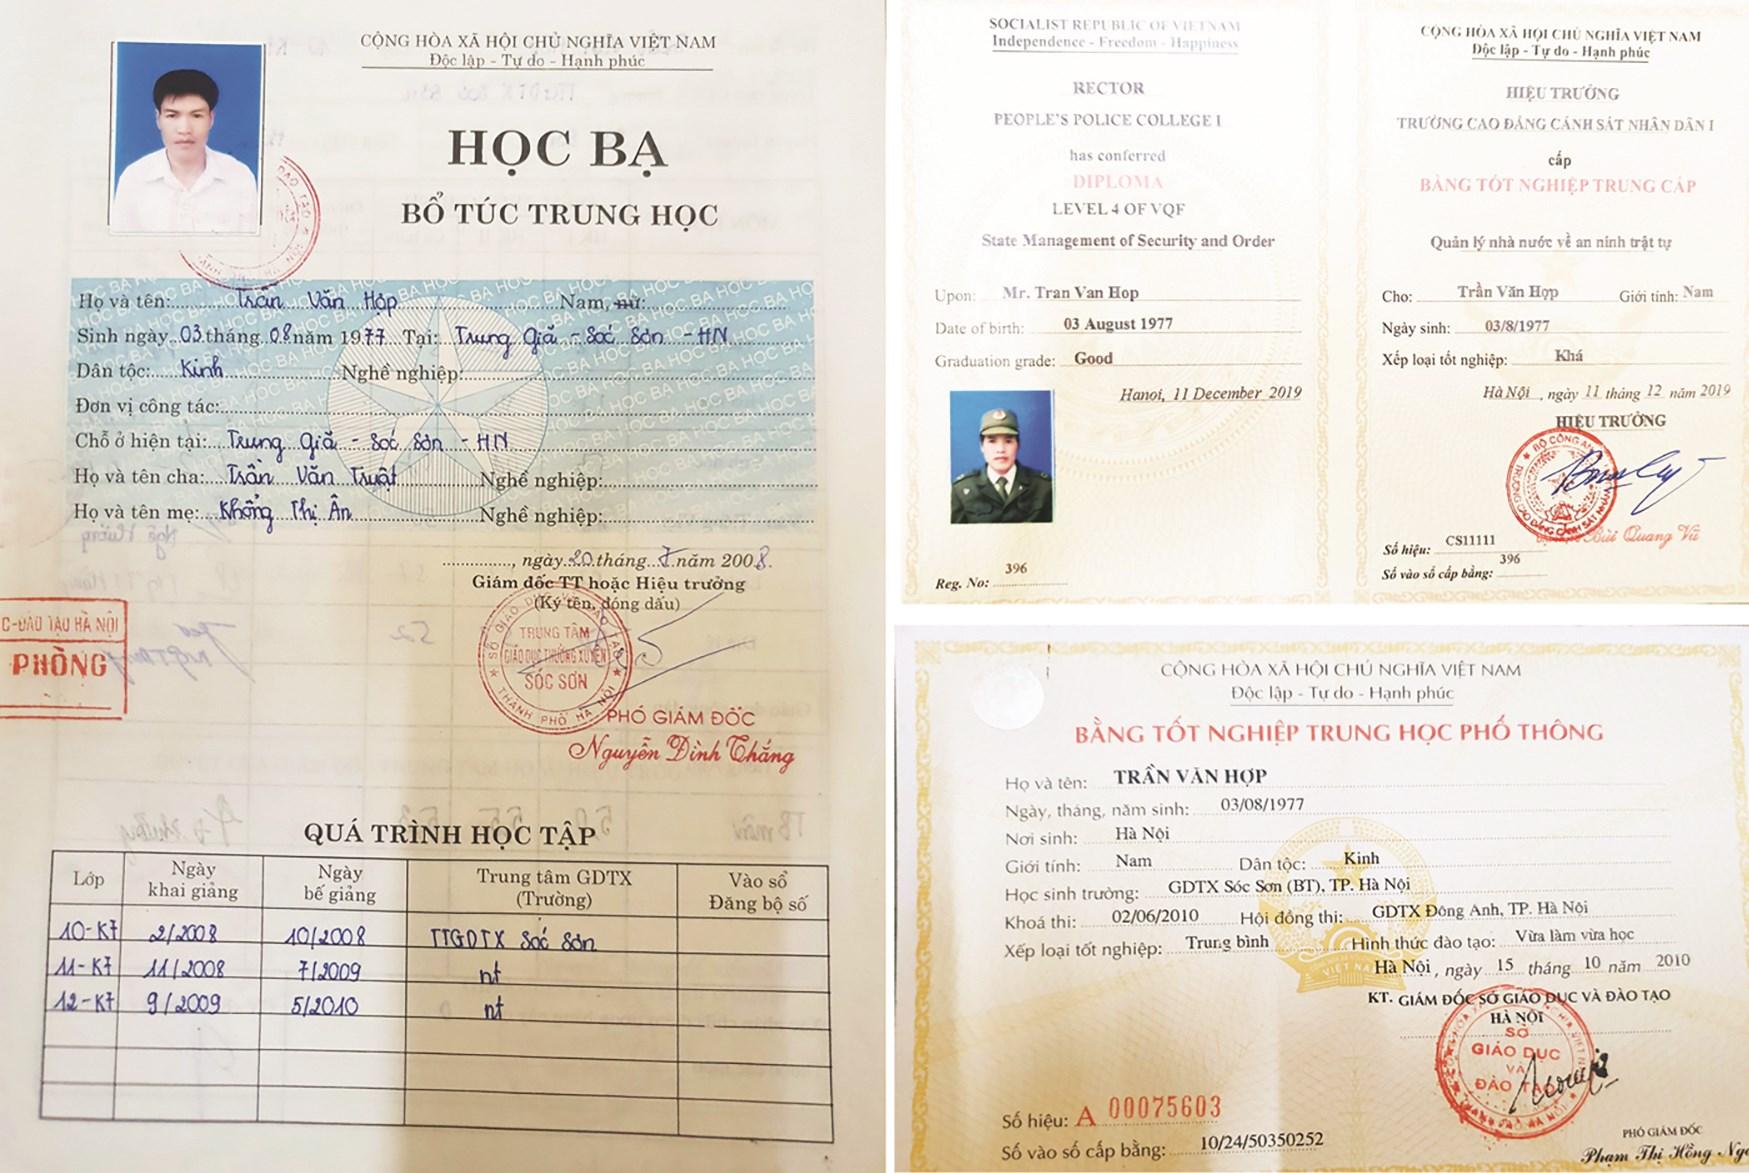 Các văn bằng chứng chỉ của ông Trần Văn Hợp